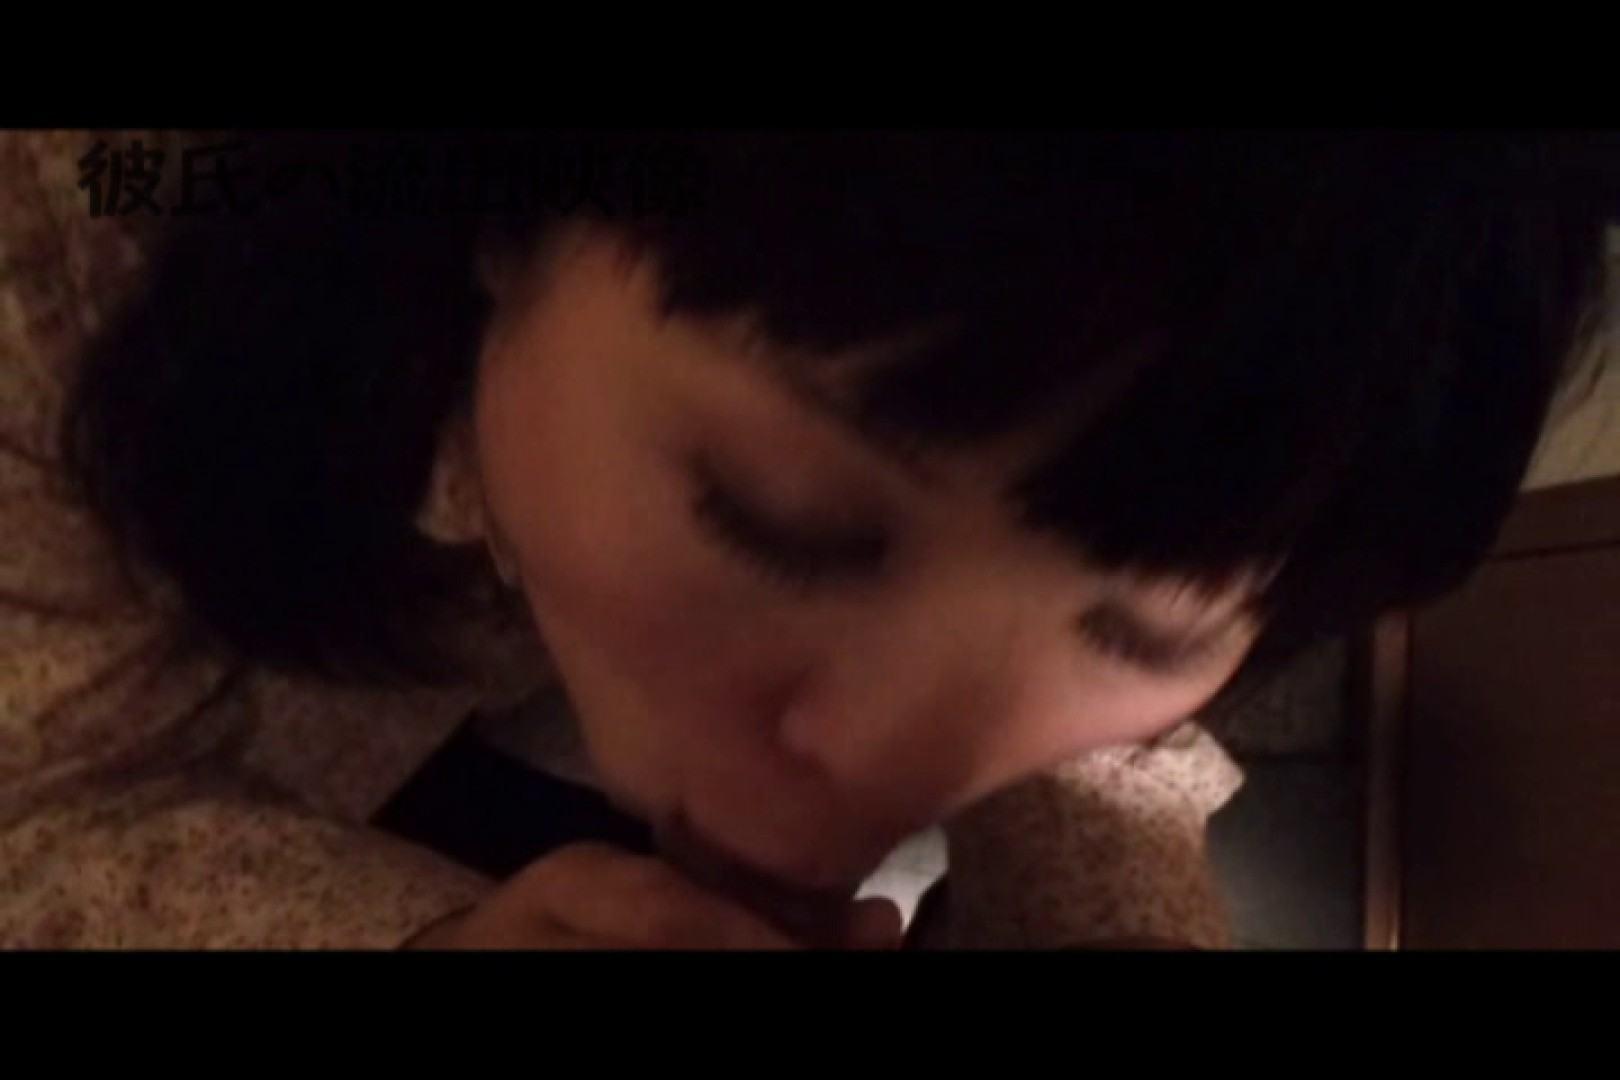 彼氏が流出 パイパン素人嬢のハメ撮り映像03 カップル | 可愛いパイパン  92pic 39